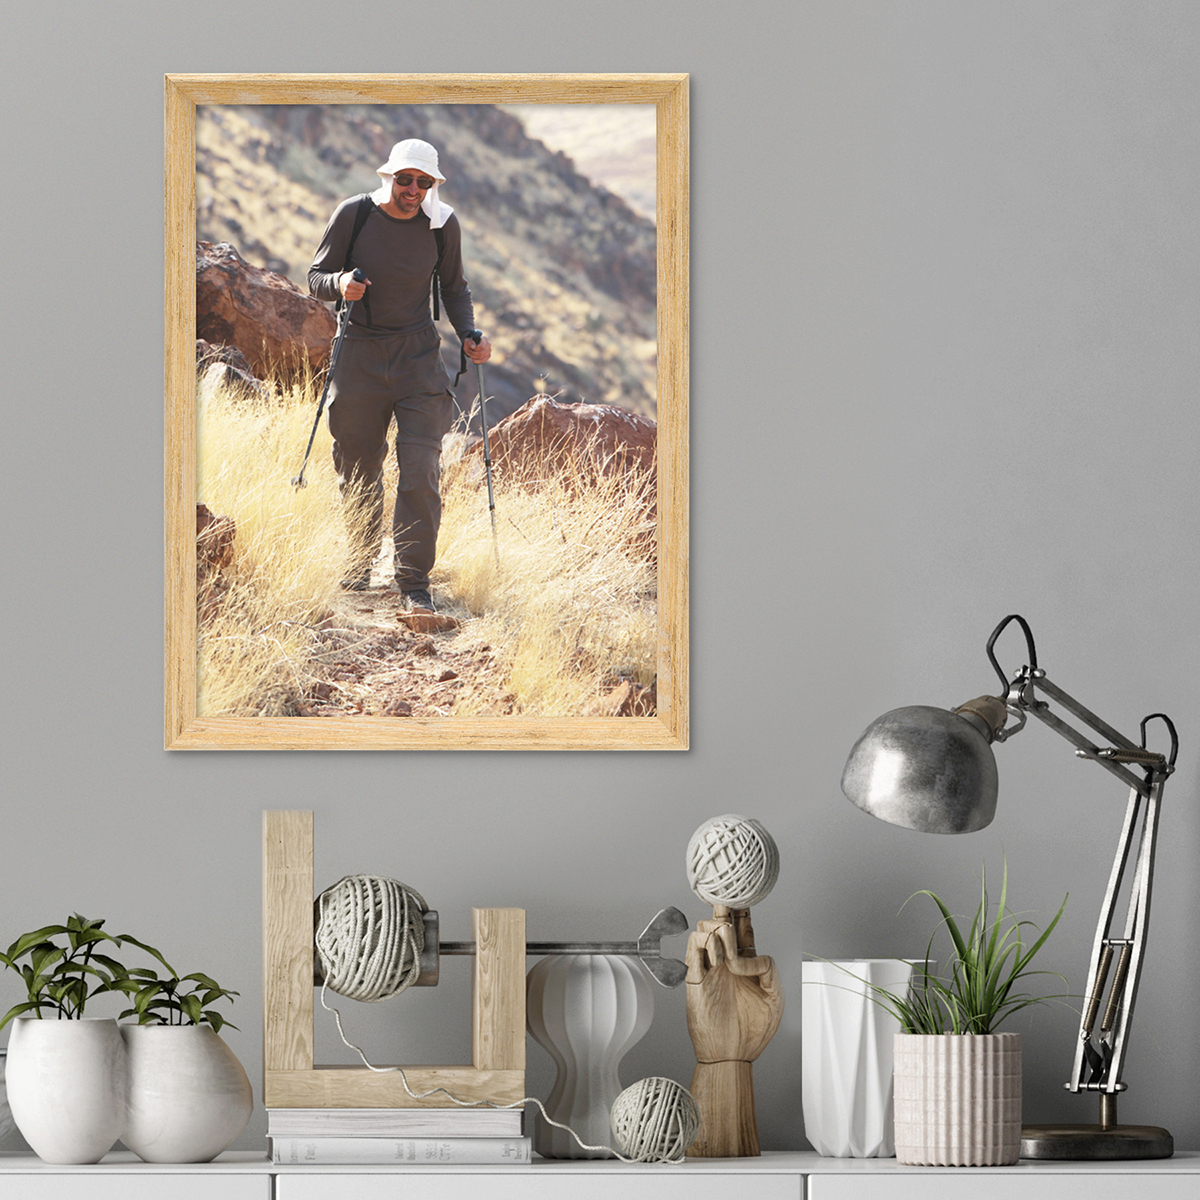 vintage bilderrahmen shabby chic eiche 30x42 cm din a3 massivholz mit glasscheibe und zubeh r. Black Bedroom Furniture Sets. Home Design Ideas